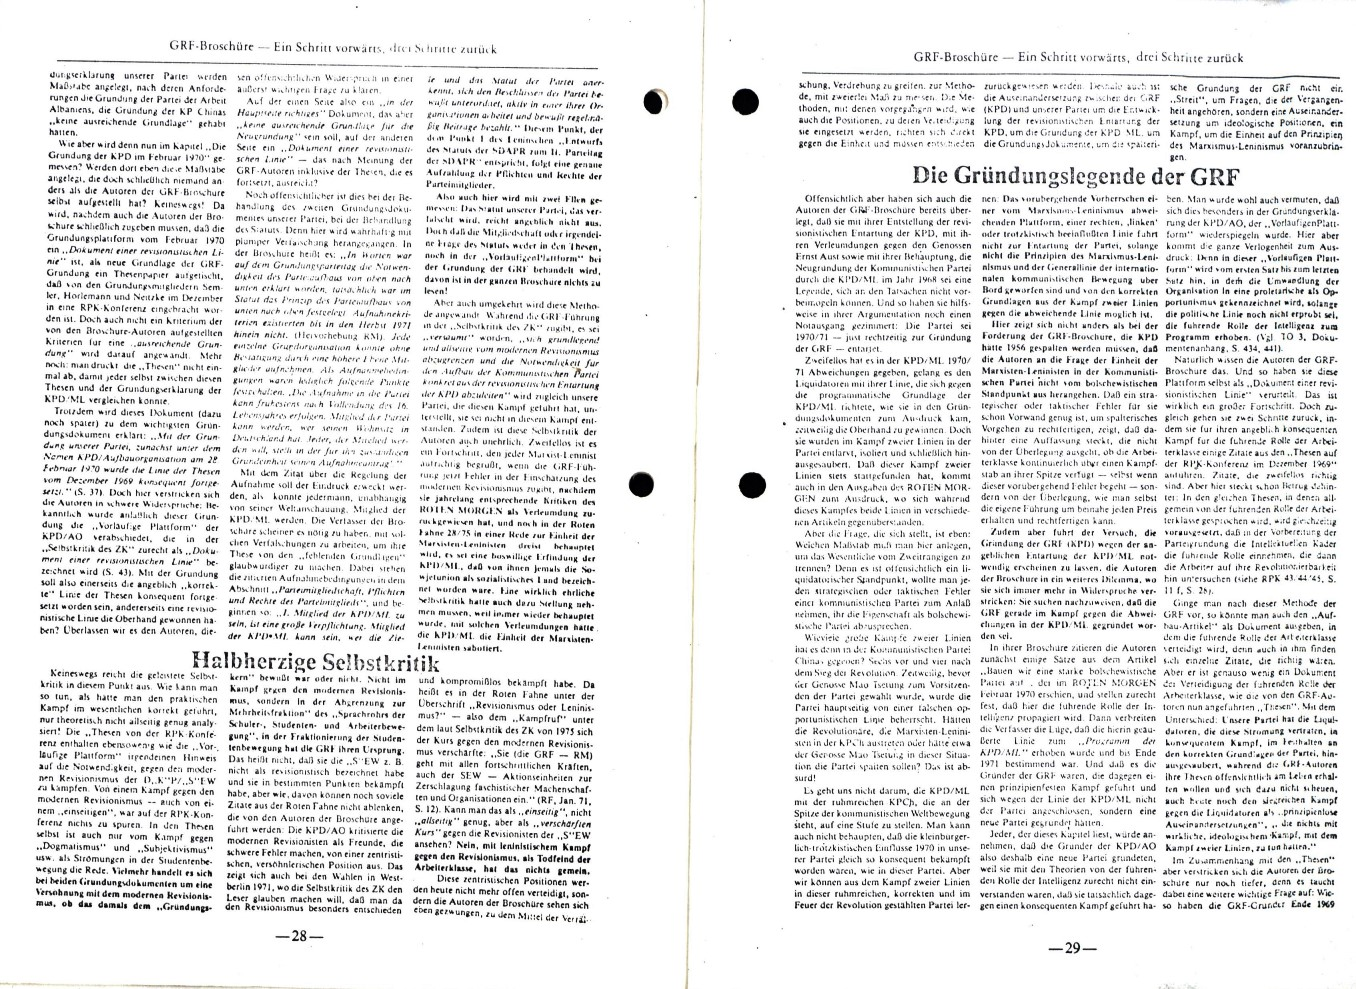 KPDML_1976_Dokumente_zur_Gruendung_16